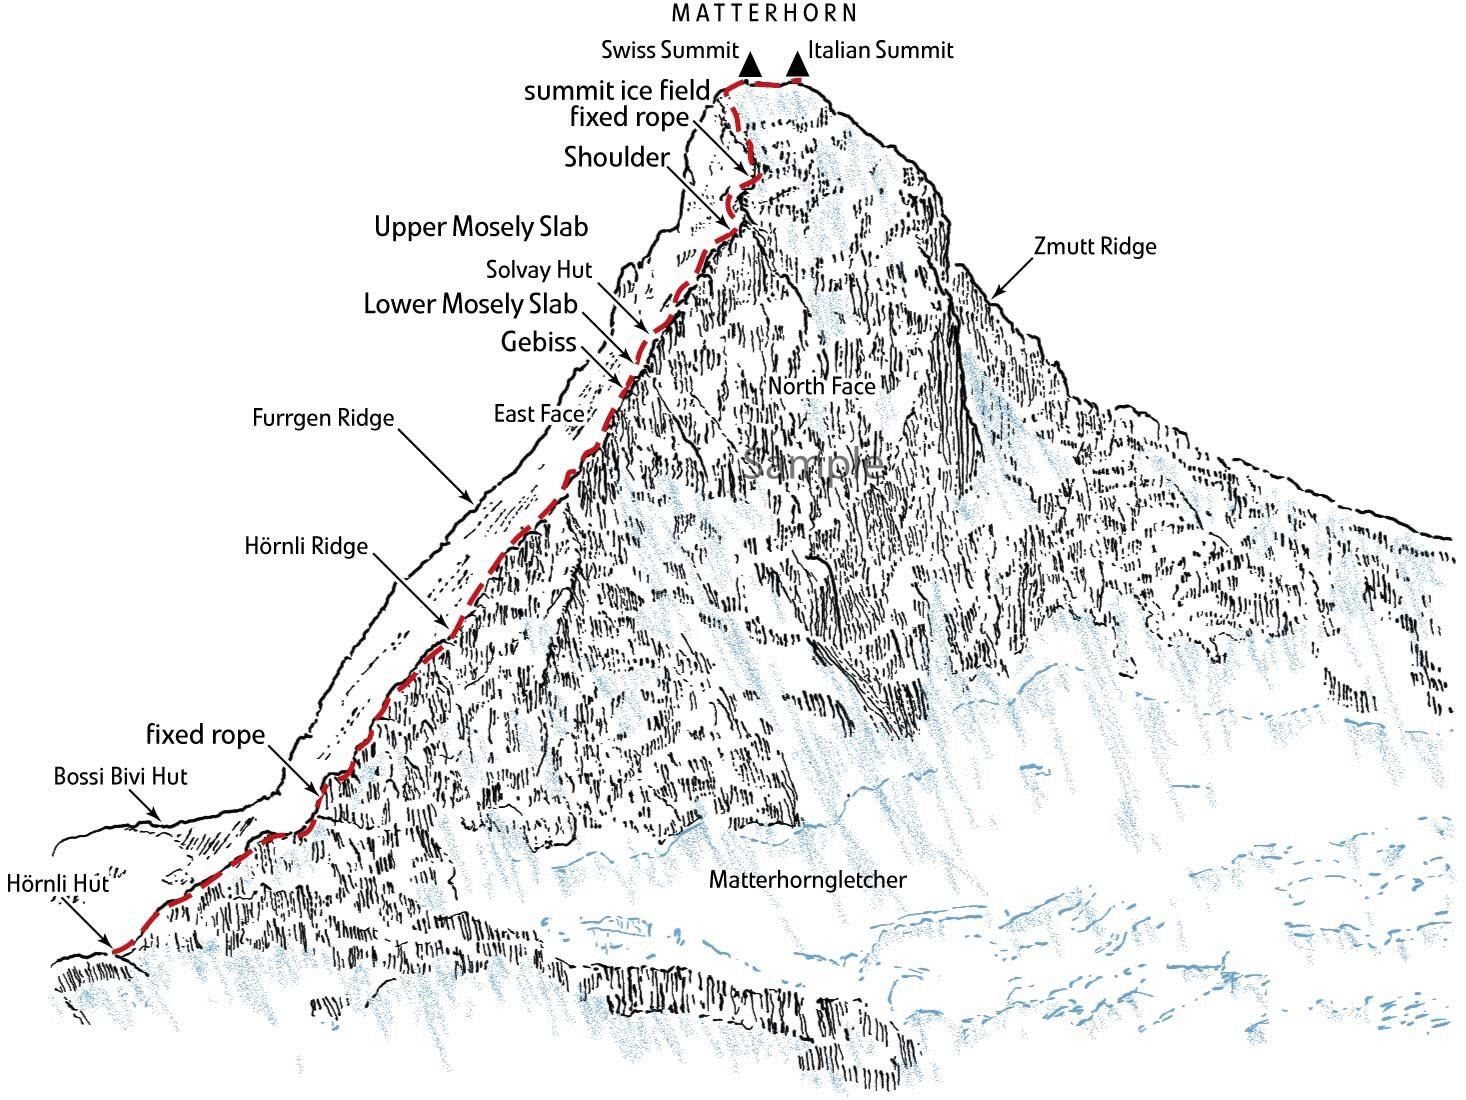 Matterhorn Line Illustration 2020 Kiipeily